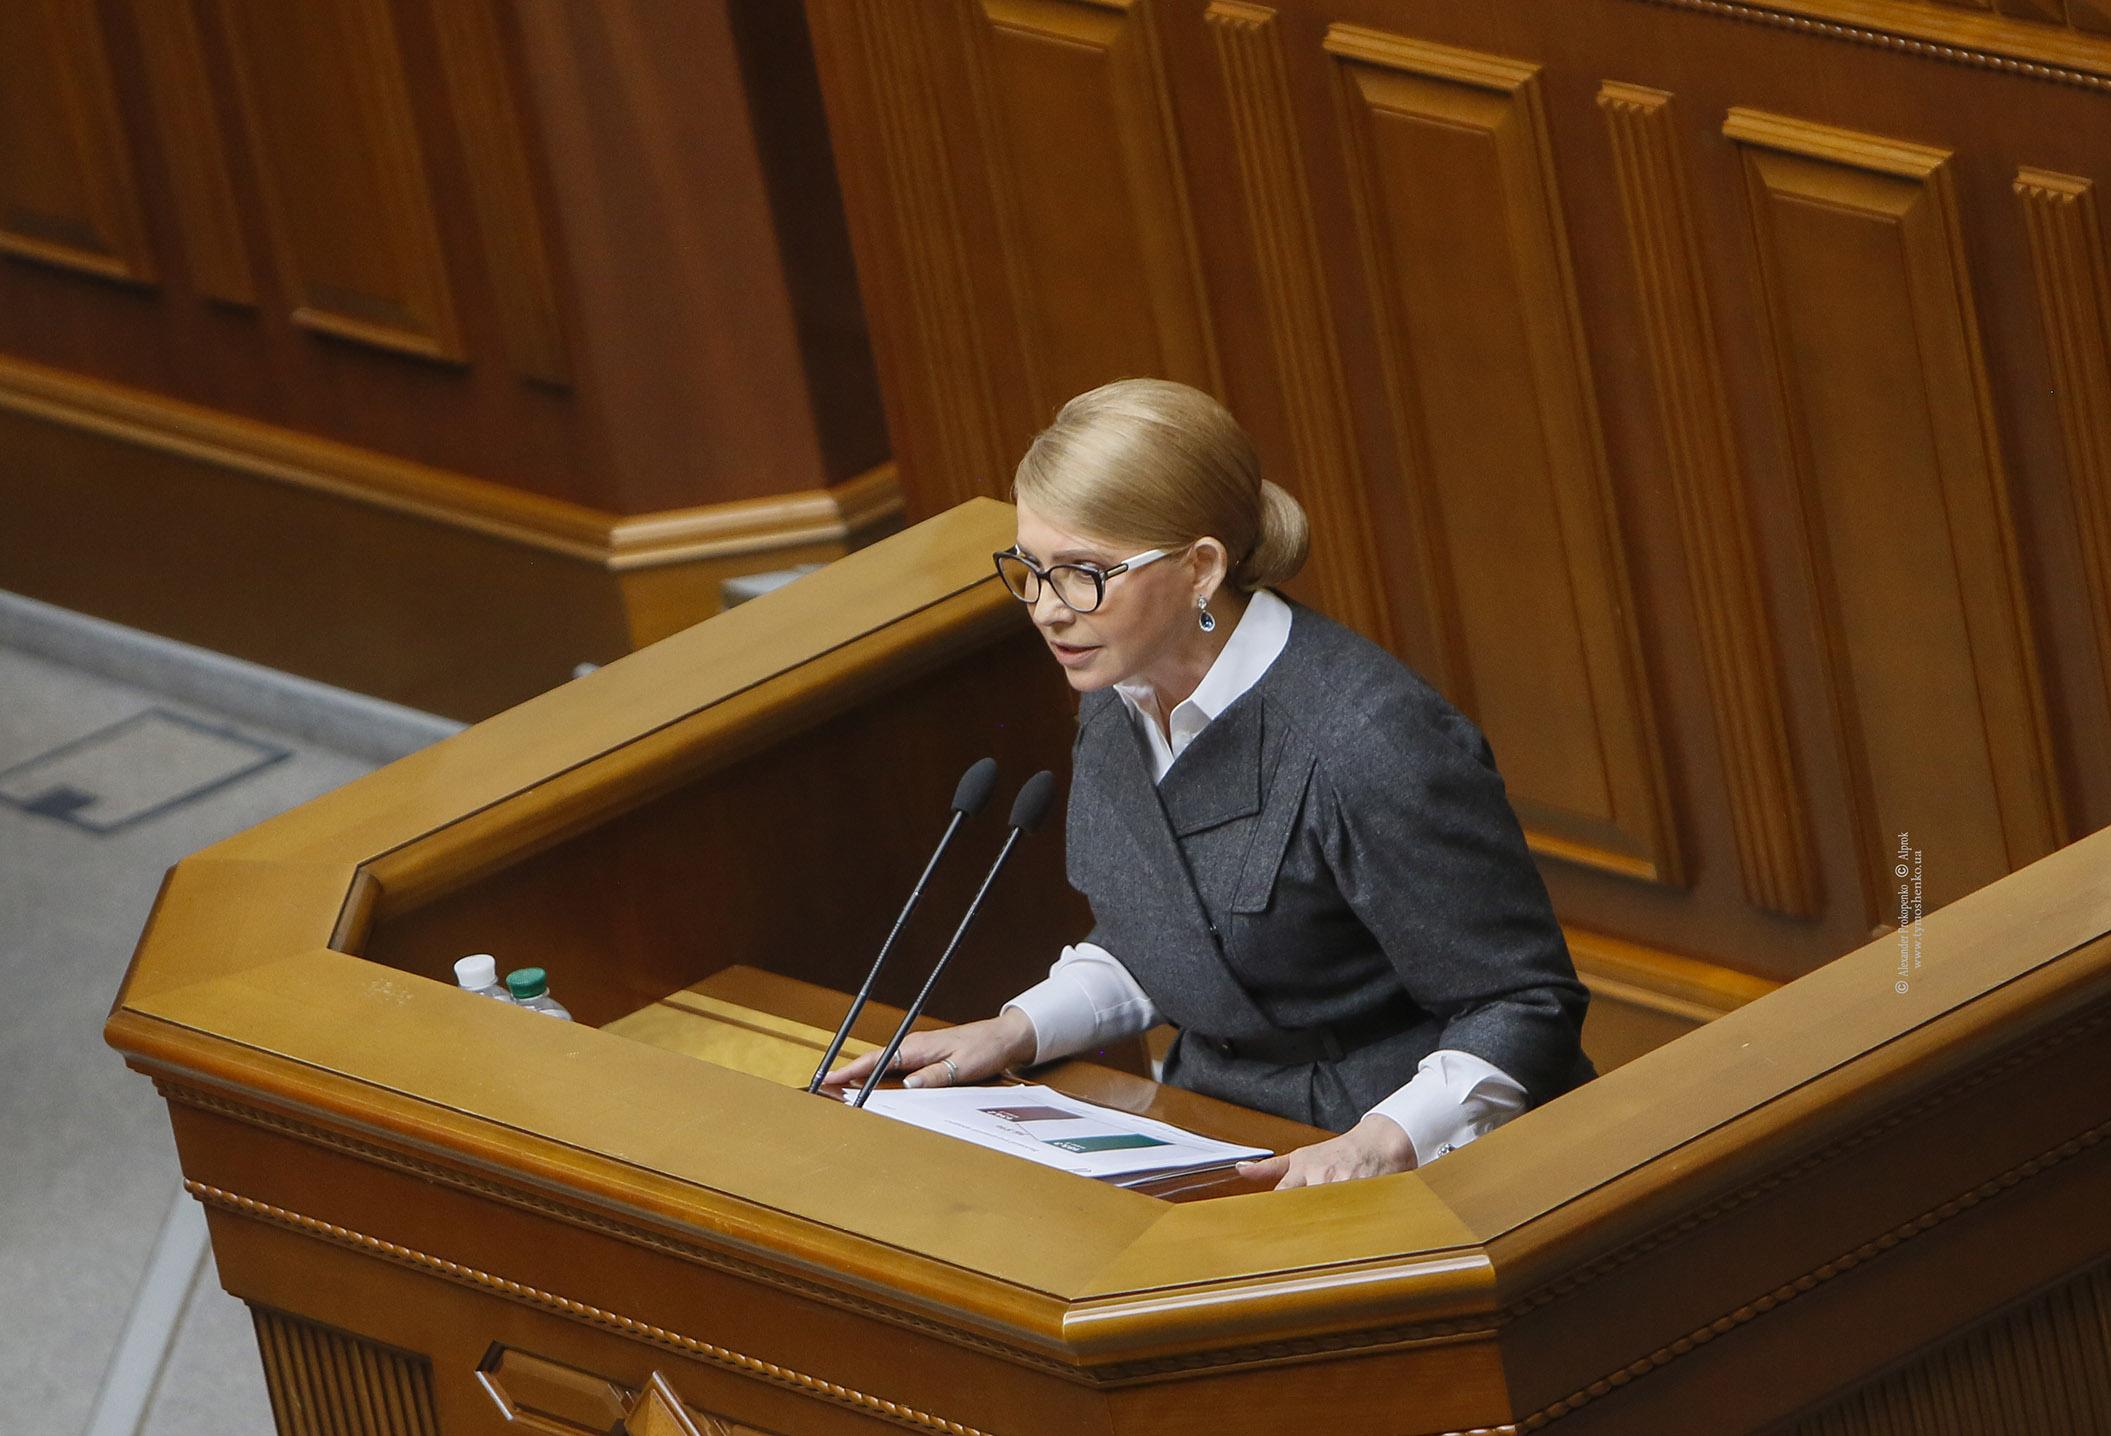 Юлія Тимошенко: Або парламент стане частиною змін, або не має права на життя